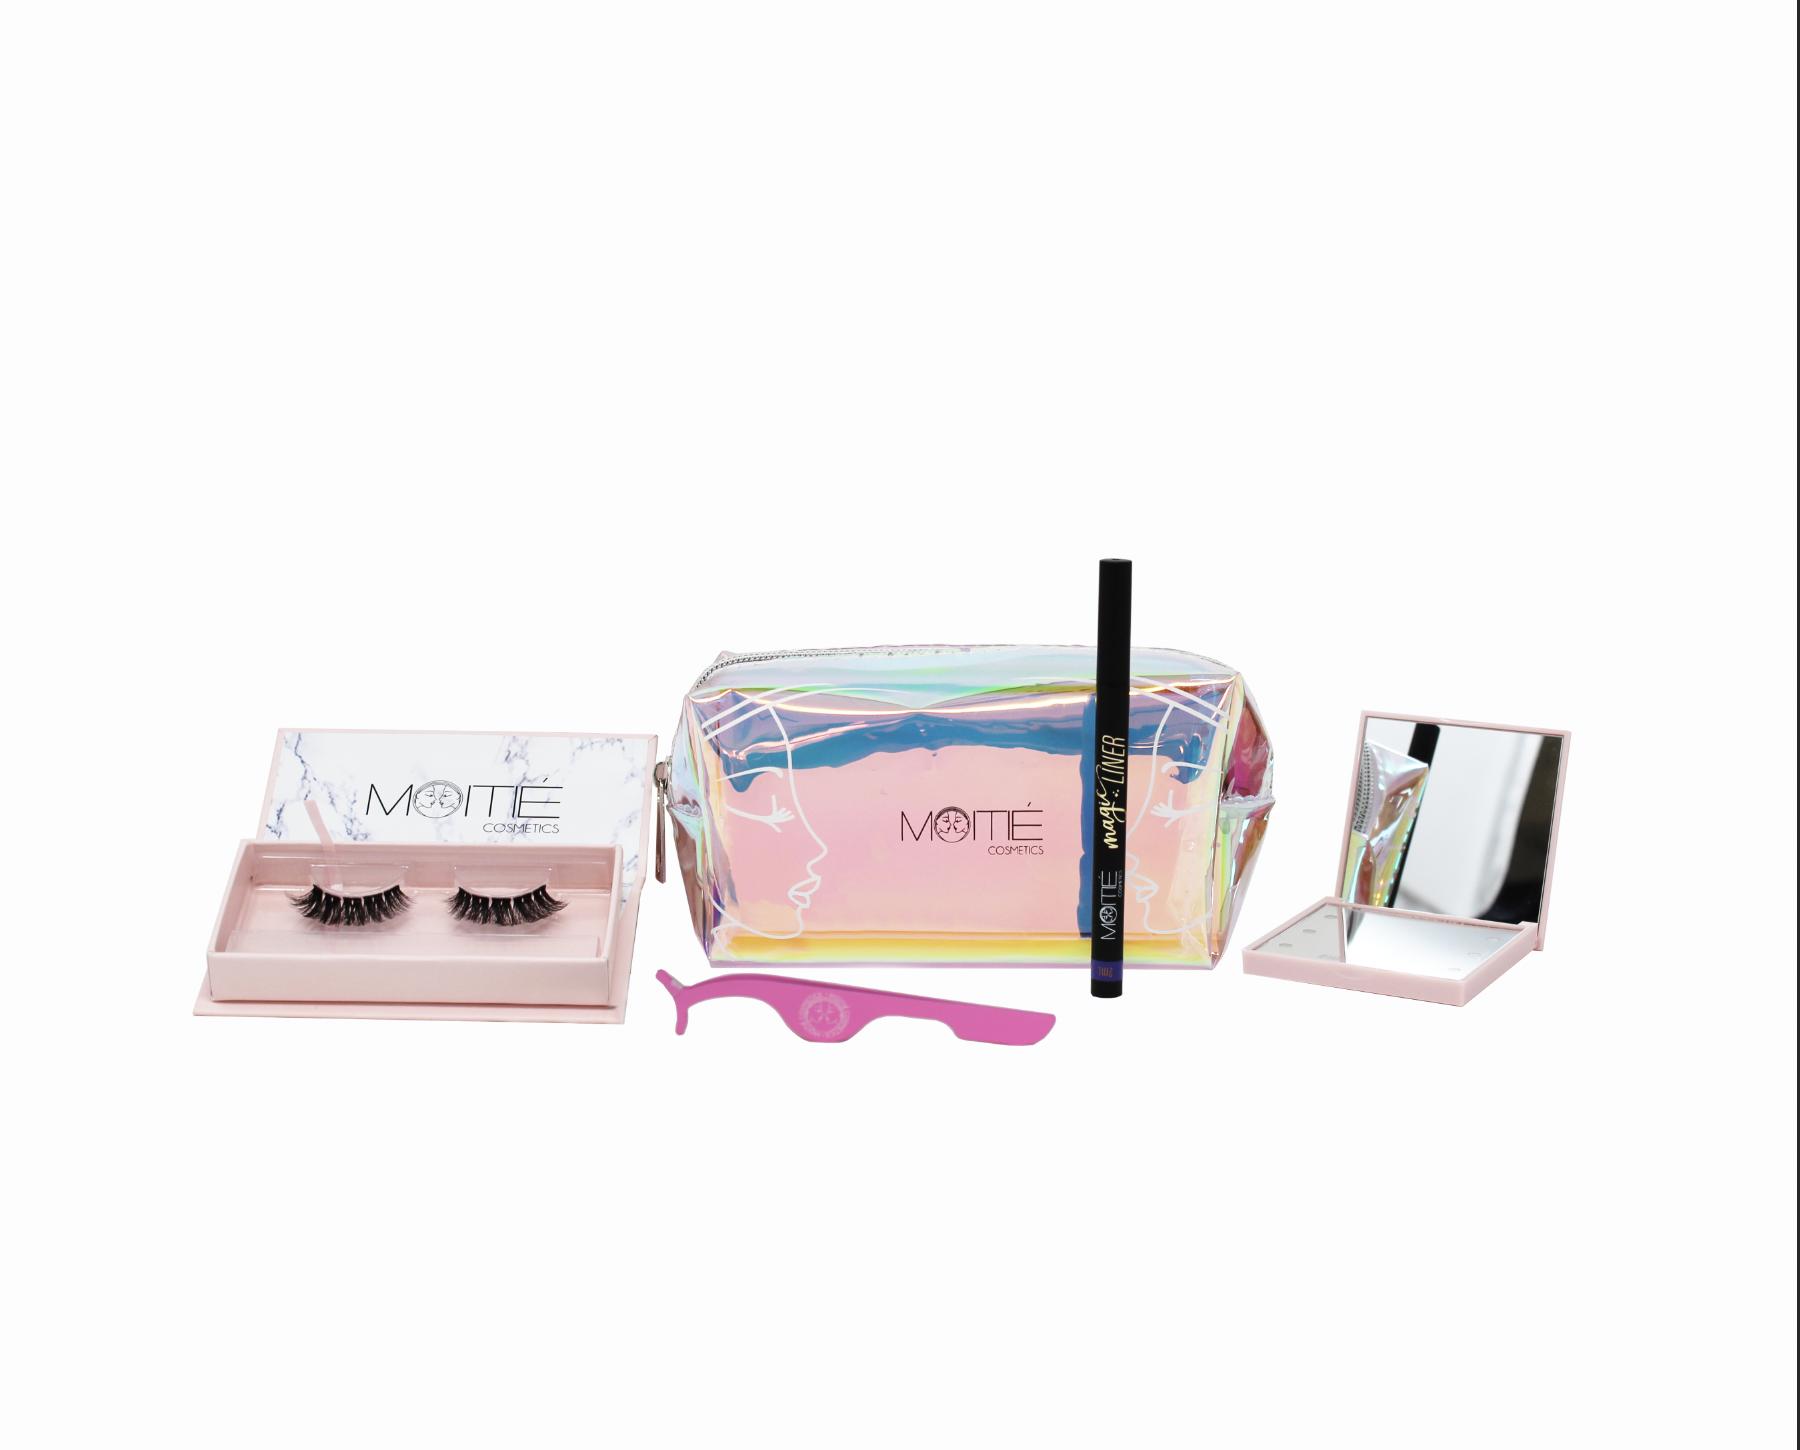 Reise-Bereitschafts-Kit – Light Glam / Blue / Pink Mirror